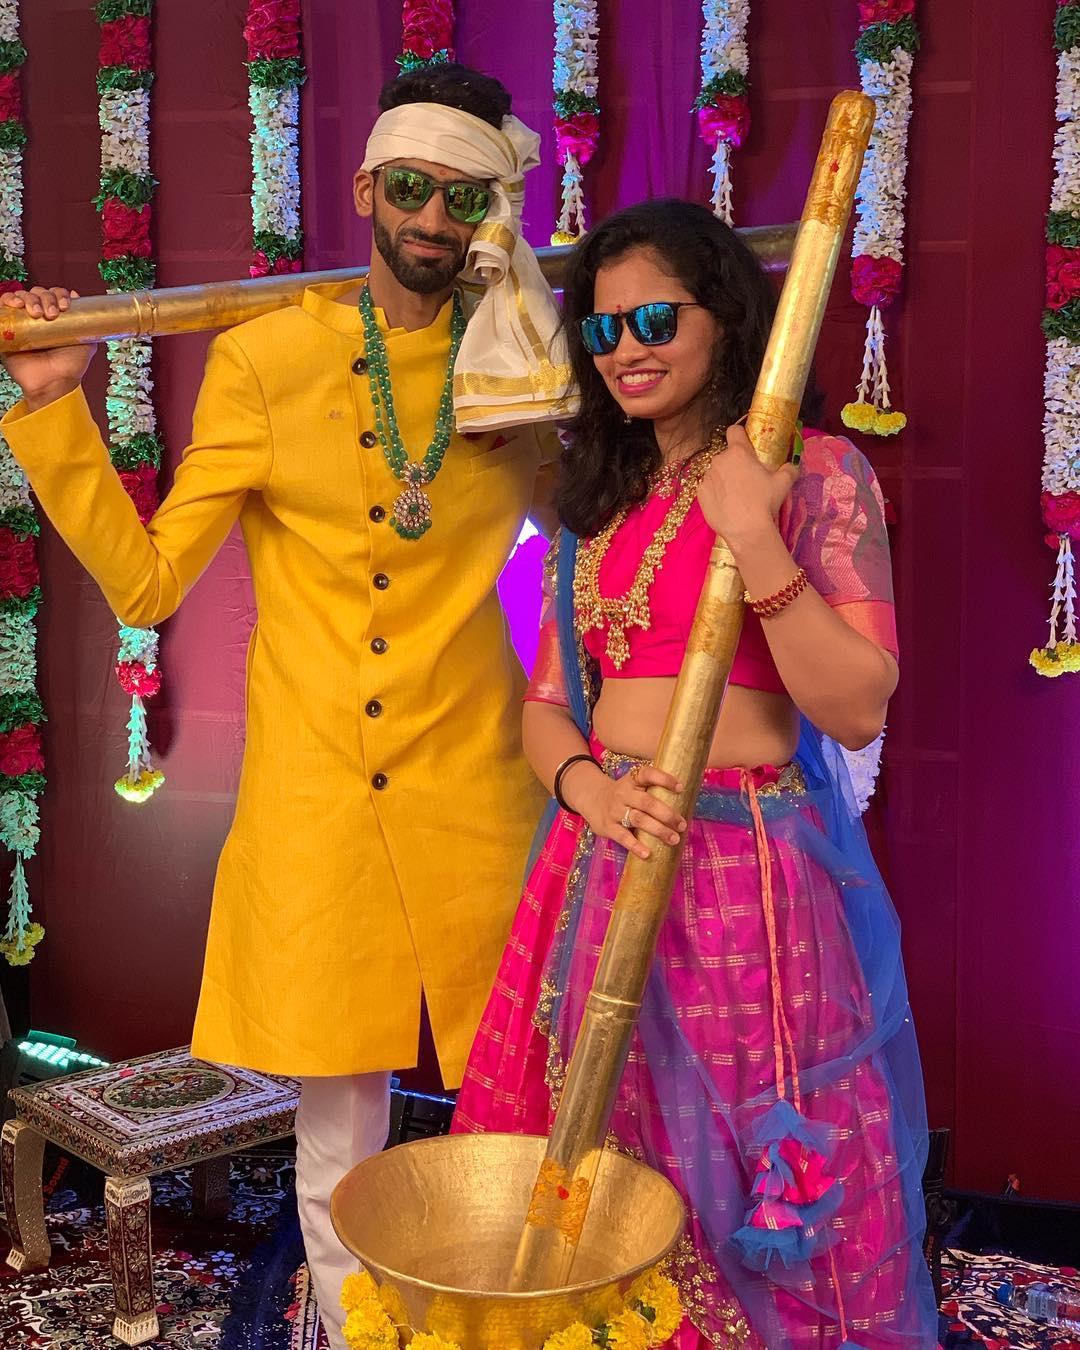 సిక్కి రెడ్డి, సుమీత్ రెడ్డి గత కొంతకాలంగా ప్రేమలో ఉన్నారు. ( Image credit : Sikki reddy / Instagram )